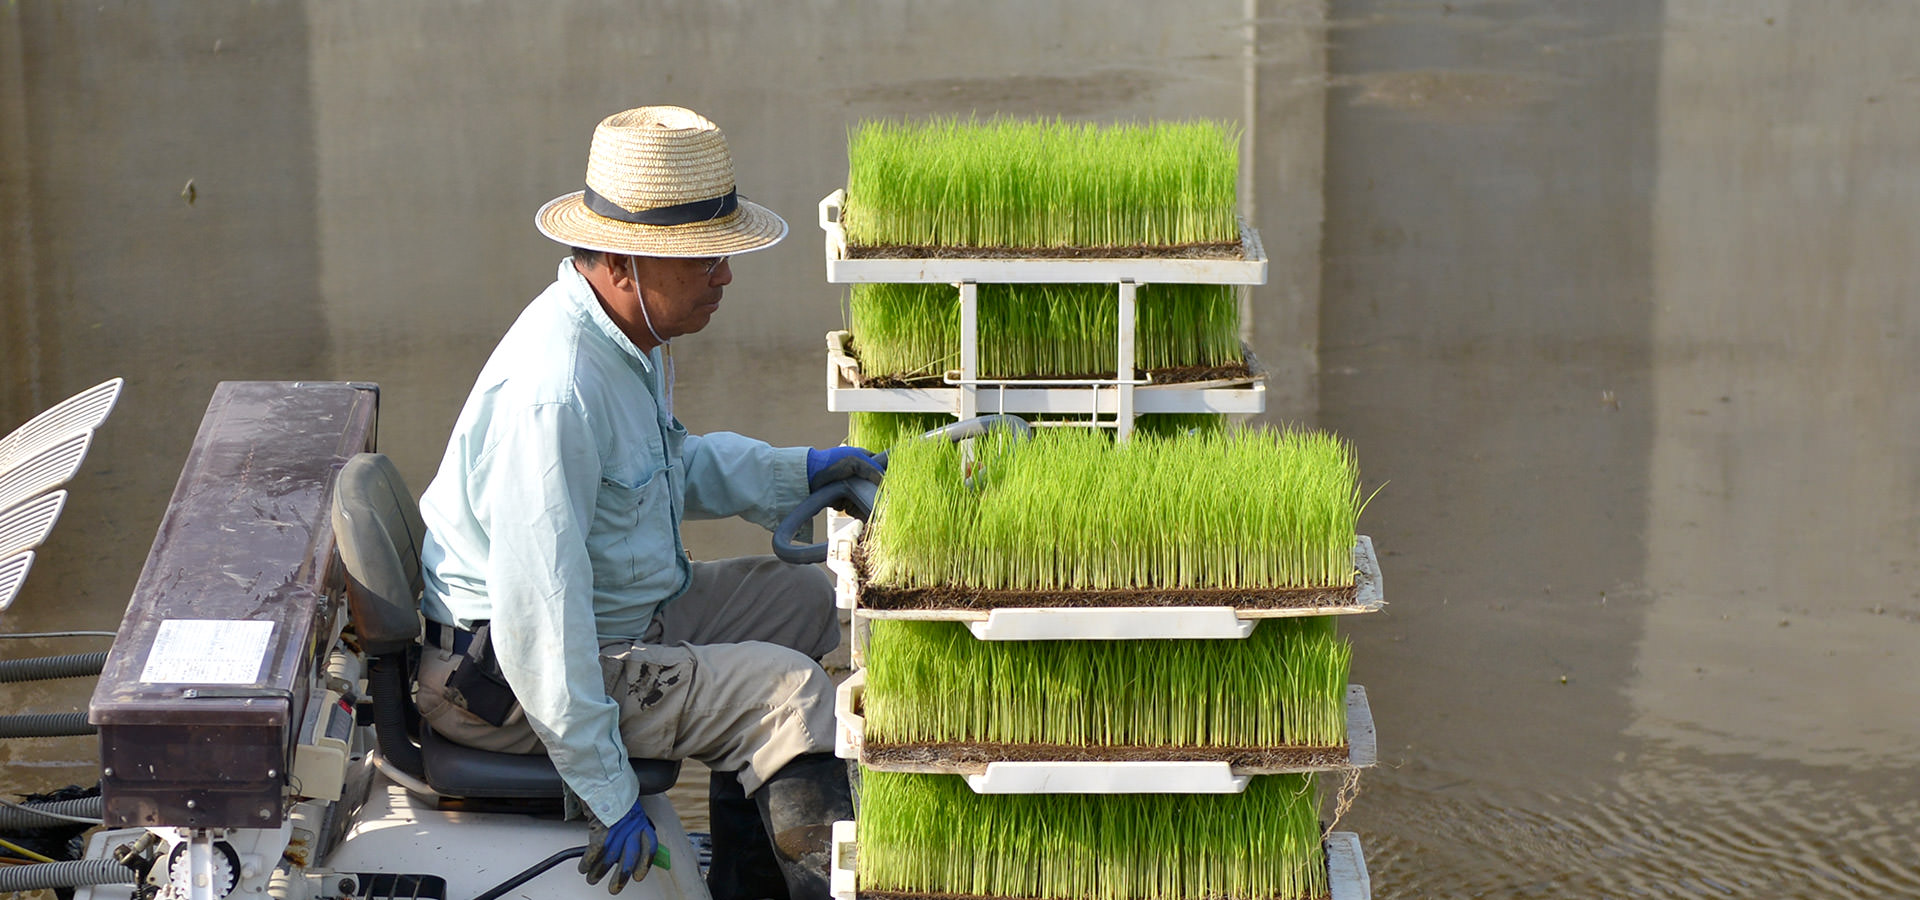 井芹政重さんが作る、無農薬・無施肥栽培米。